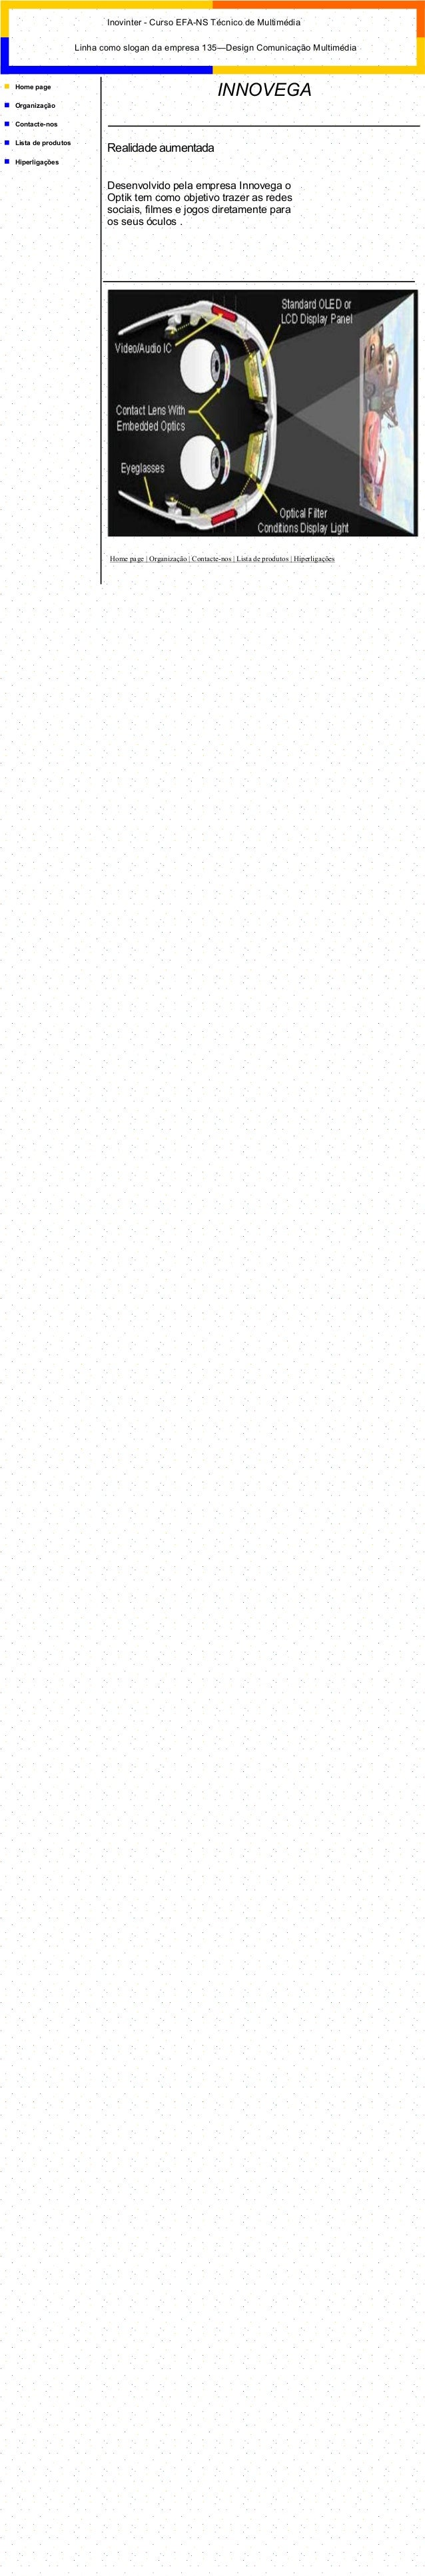 Home page Organização Contacte-nos Lista de produtos Hiperligações Home page | Organização | Contacte-nos | Lista de produ...